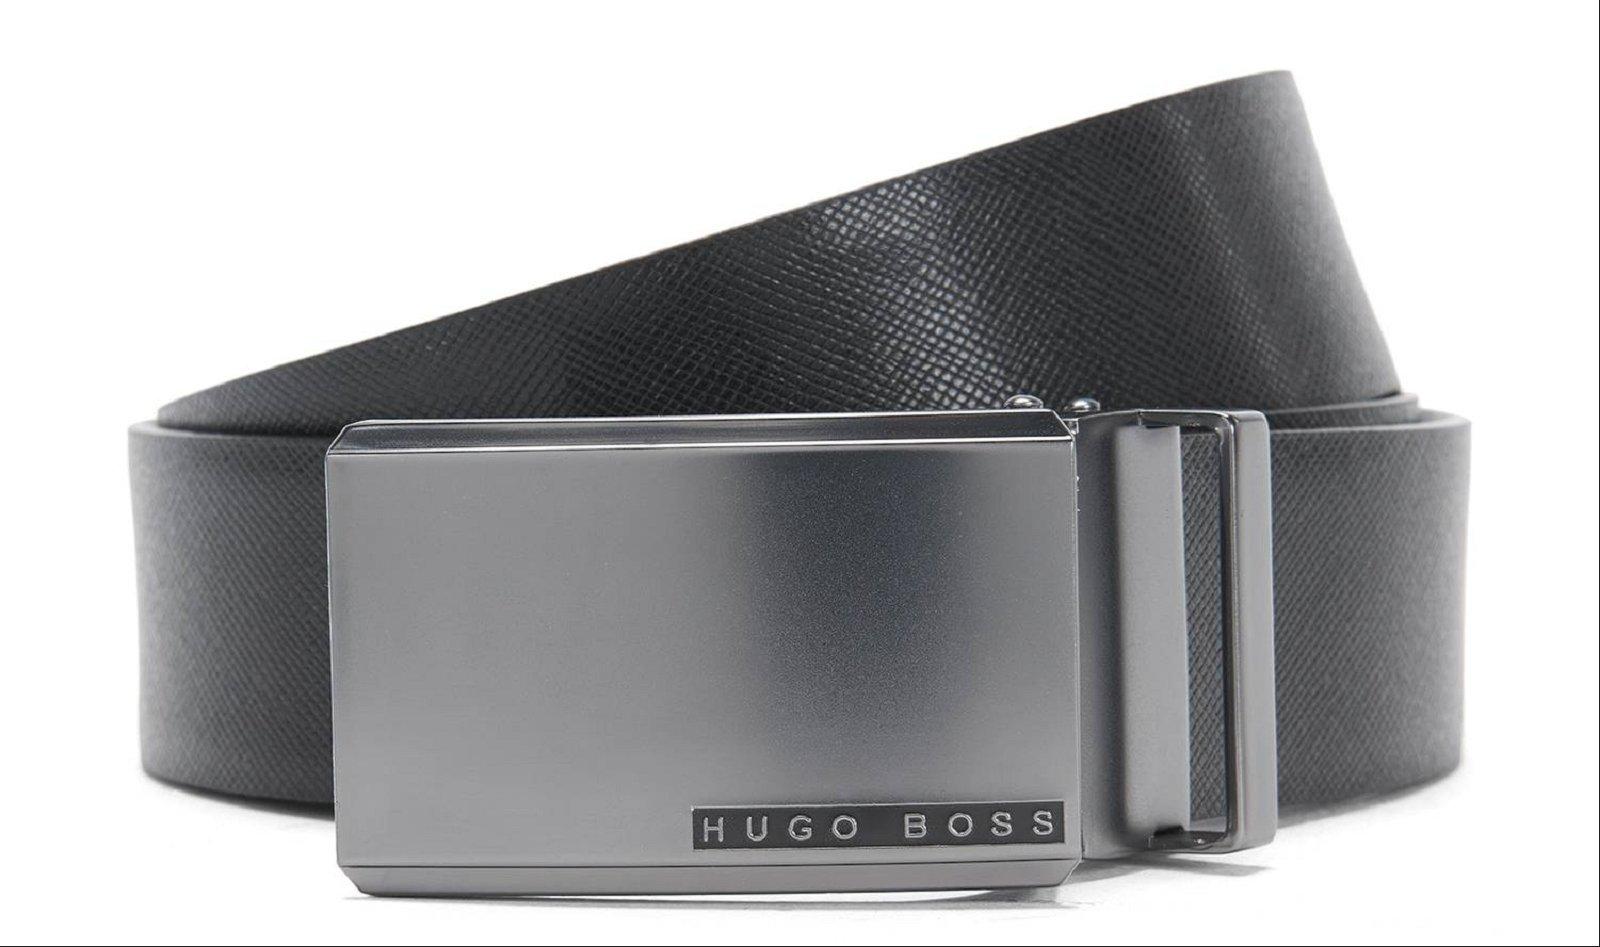 9578b8d2d1e4 HUGO BOSS Coffret ceinture avec 2 boucles - 50327643 , Ceinture pour ...